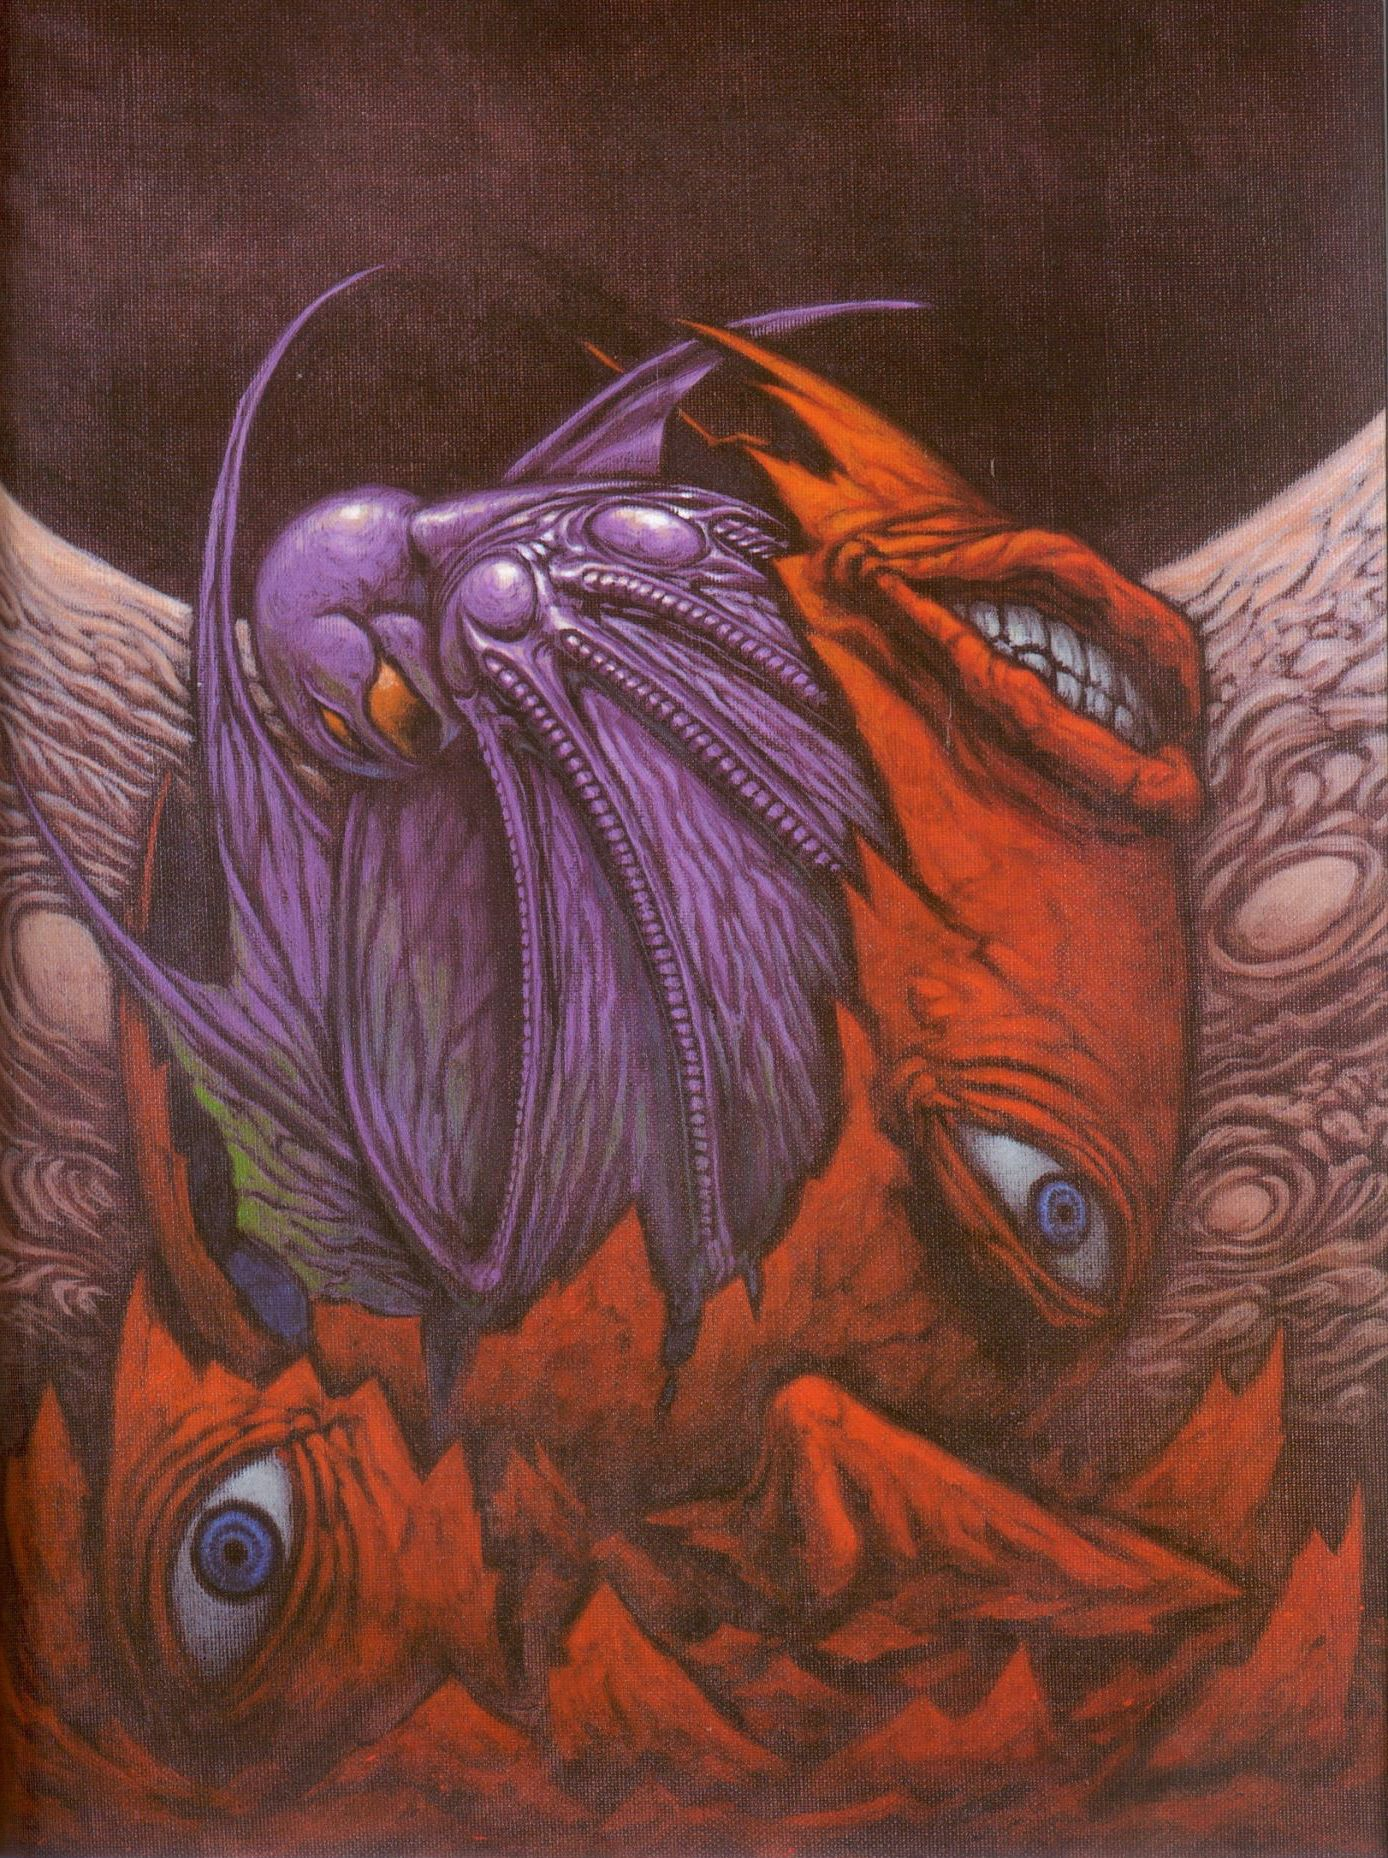 Kentaro Miura Berserk Berserk, Art, Book art